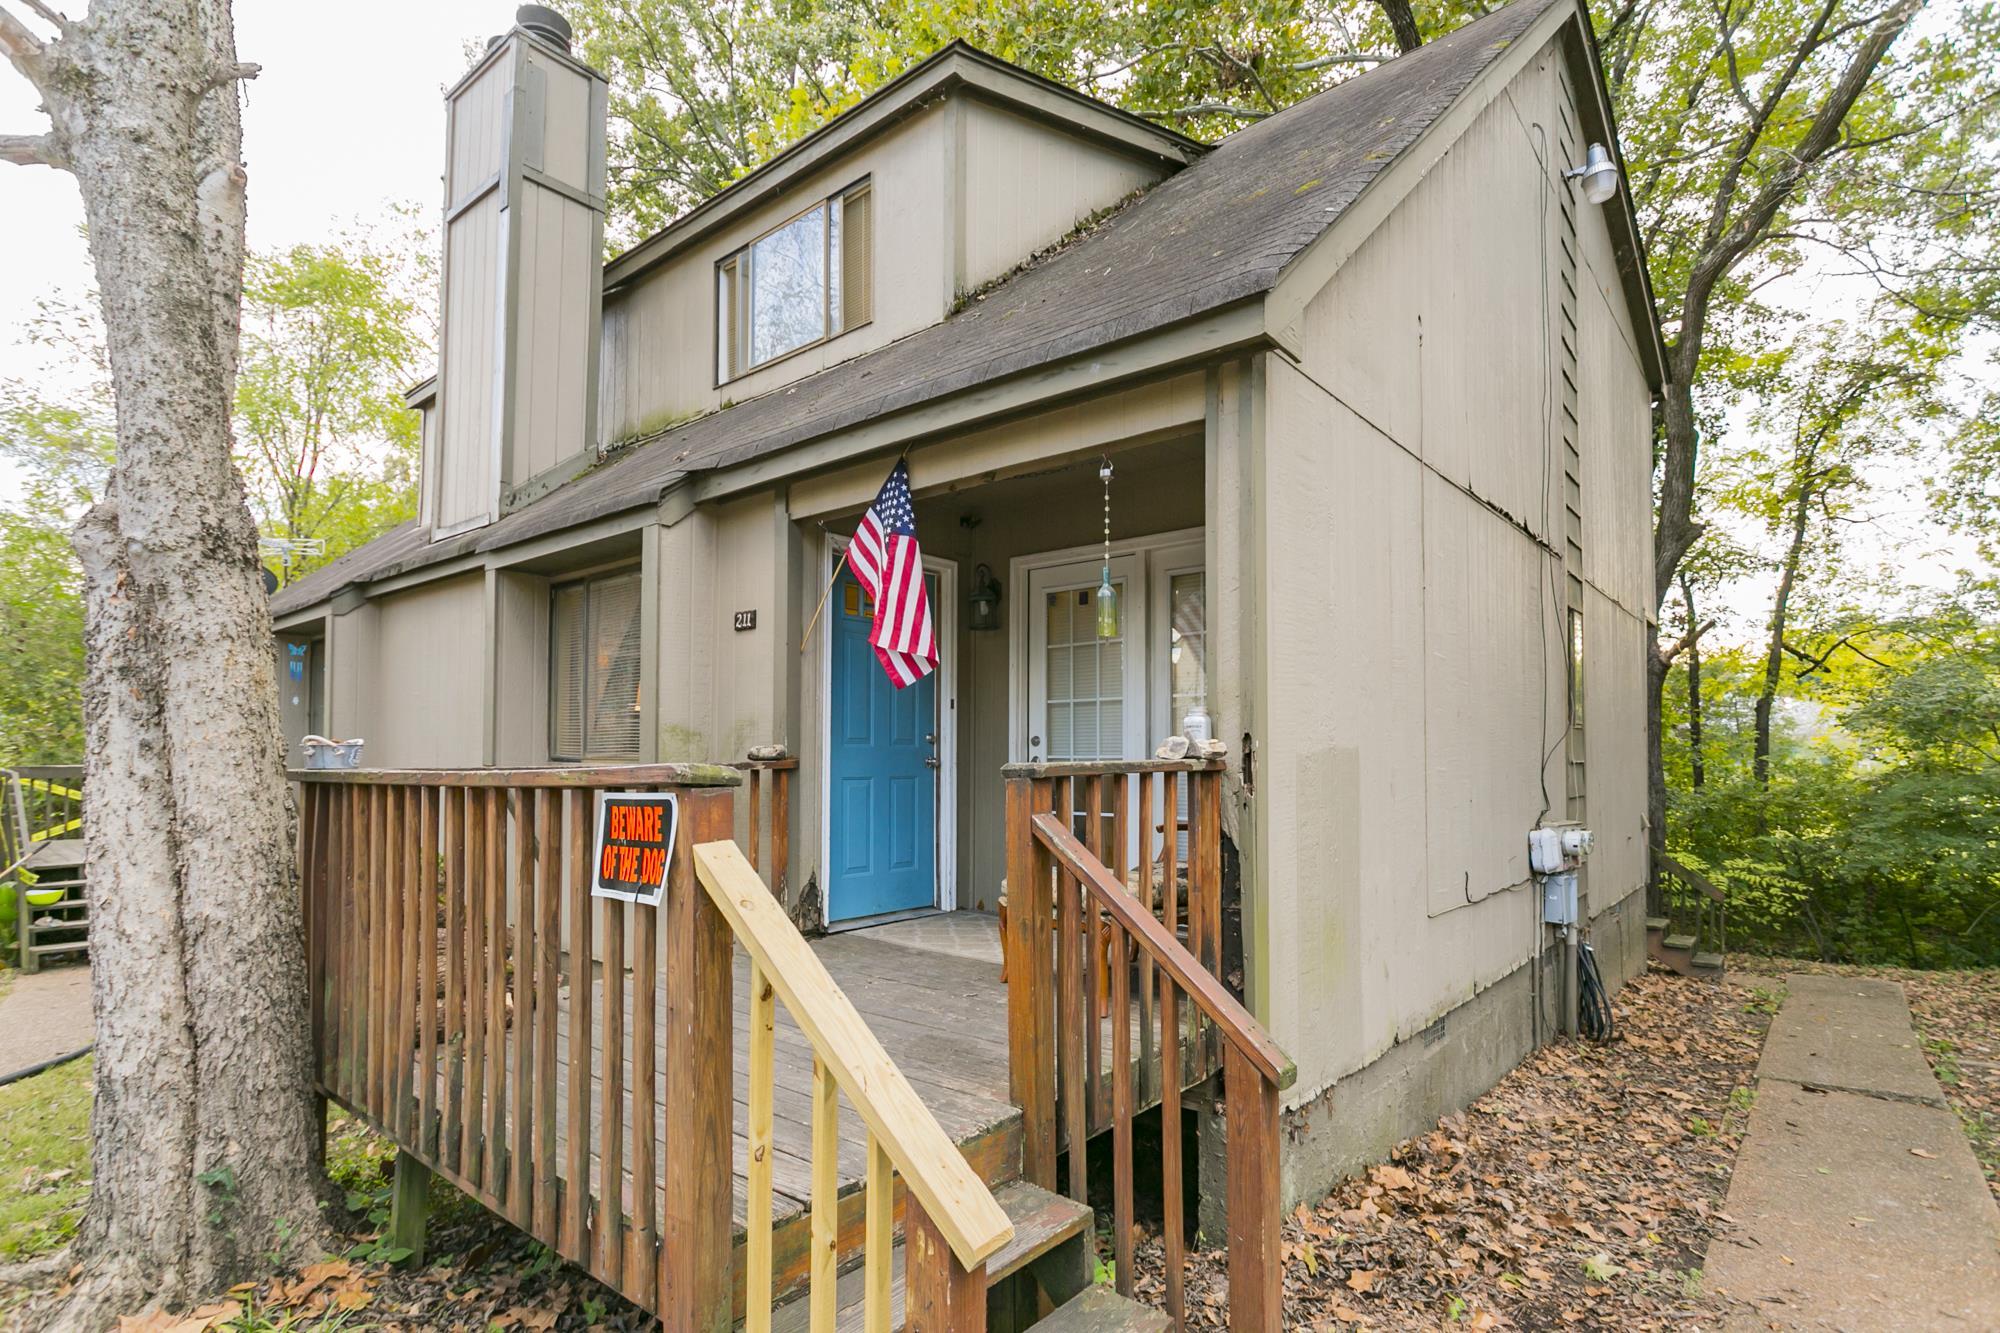 211 Longhunter Cir, Nashville, TN 37217 - Nashville, TN real estate listing